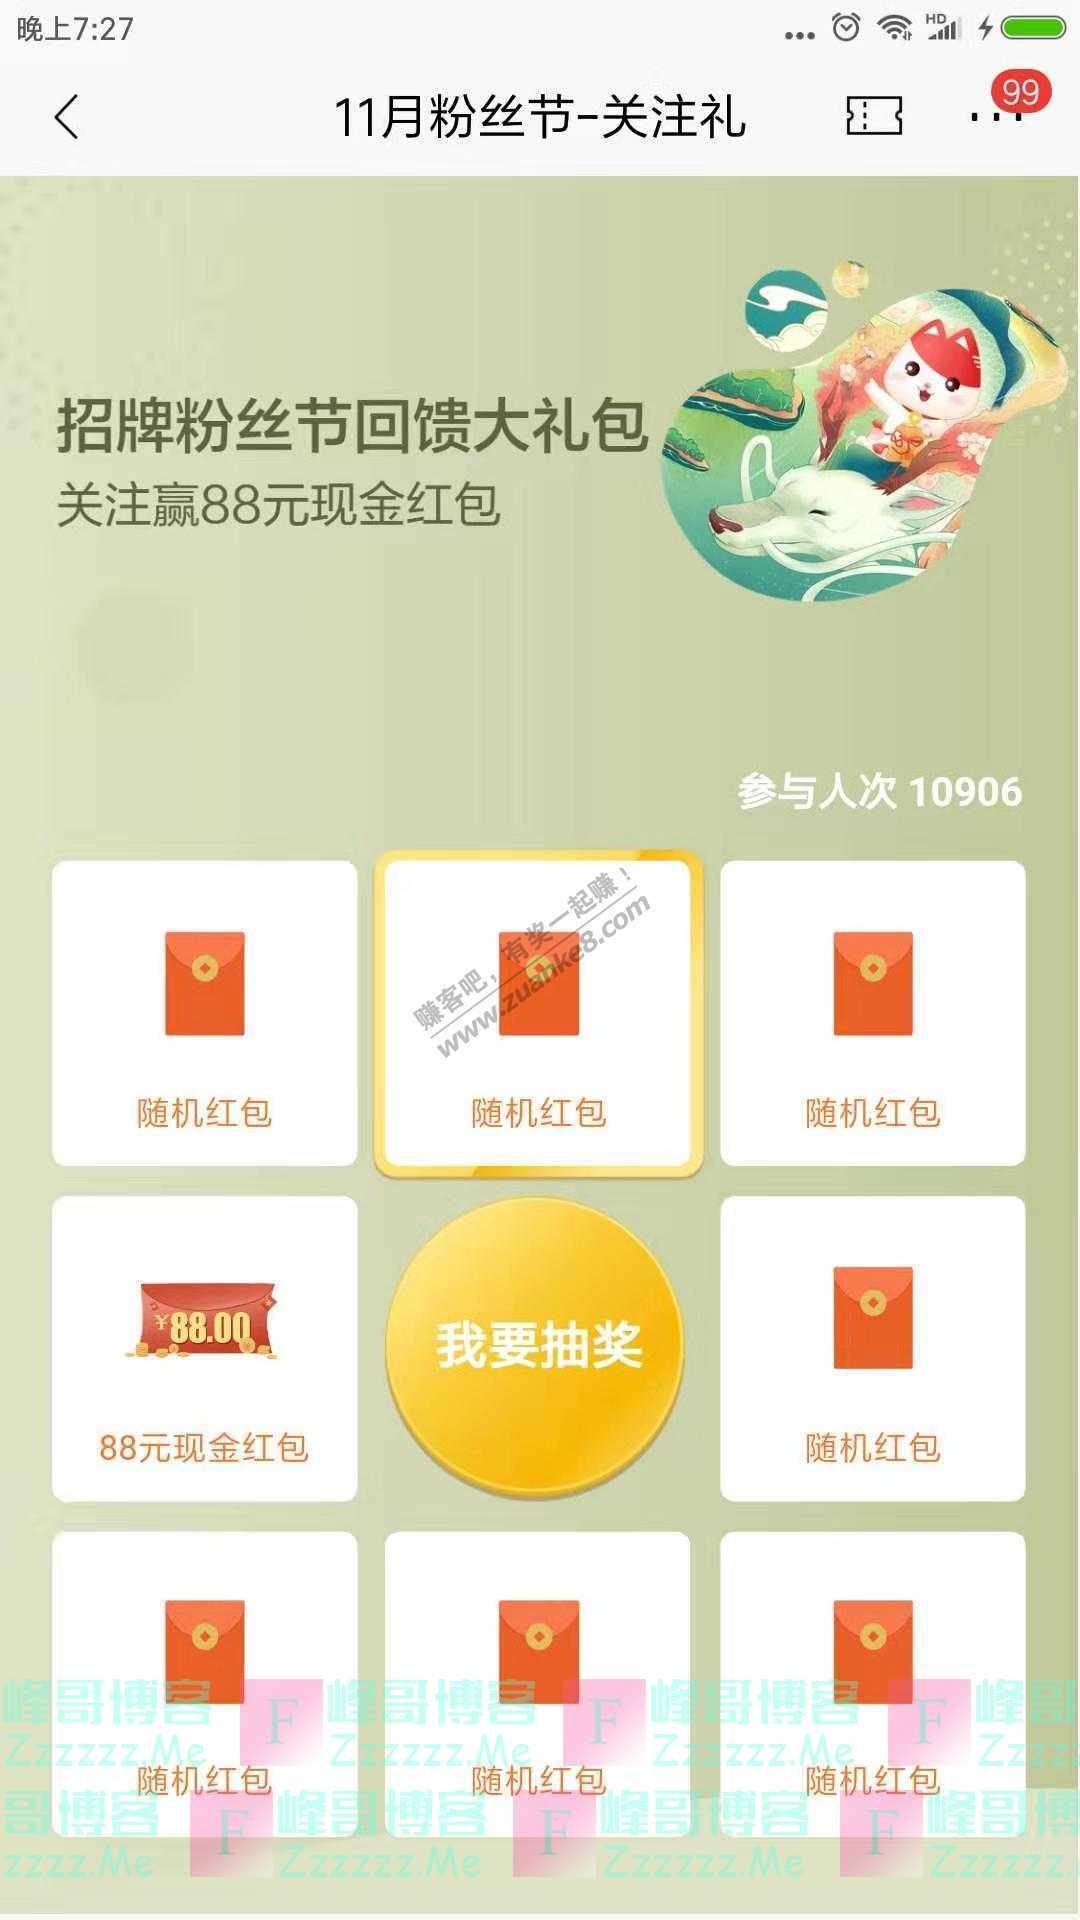 招商银行app11月粉丝节-关注礼(截止11月30日)